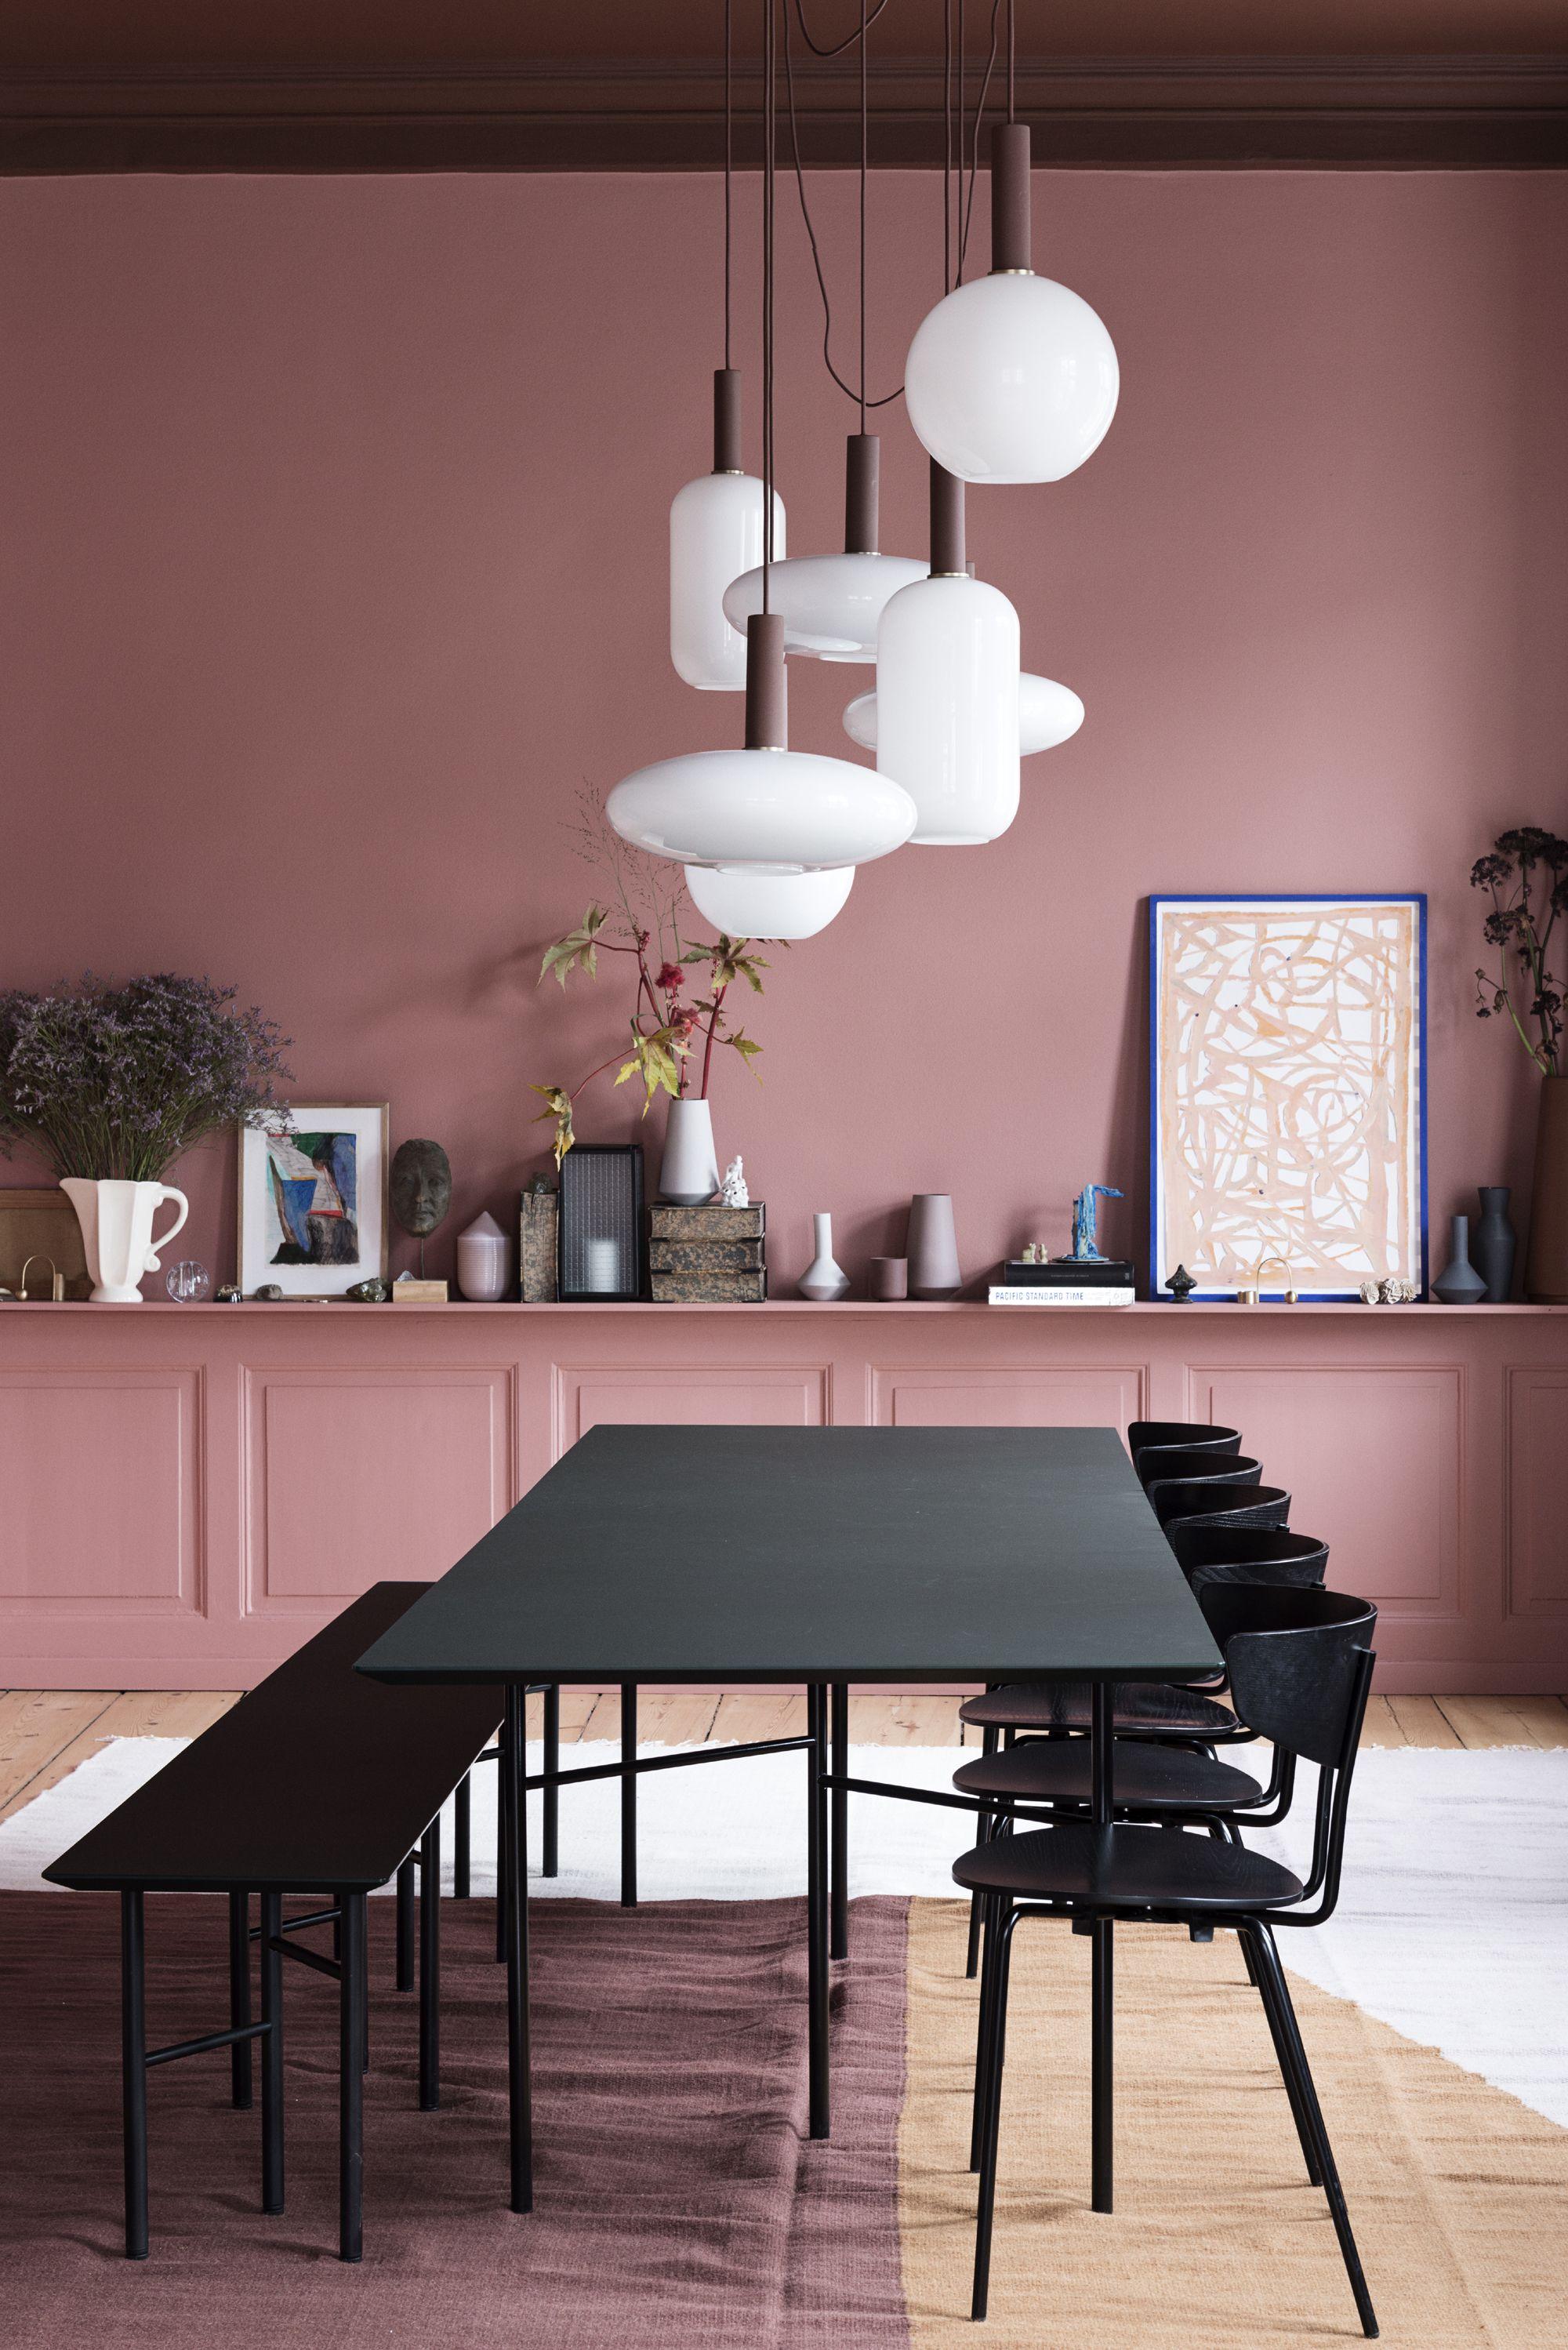 Dänische Farbkombination Für Das Wohnzimmer #wohnzimmer